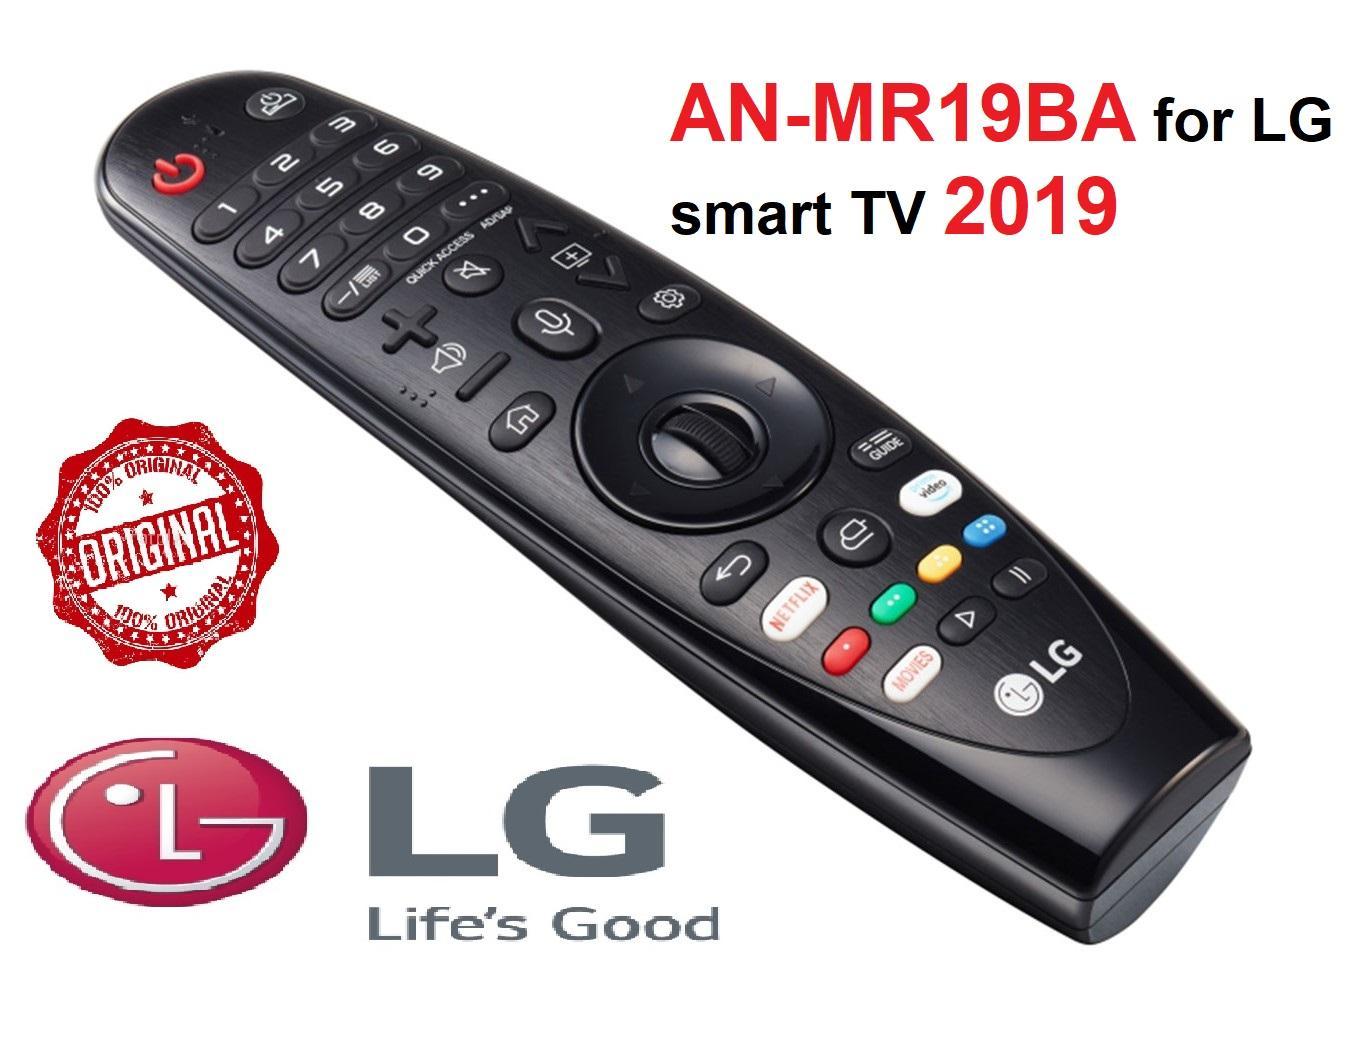 Điều khiển LG Magic Remote AN-MR19BA cho smart tivi LG 2019 ( Remote thông minh - Hàng hãng - Tặng pin)